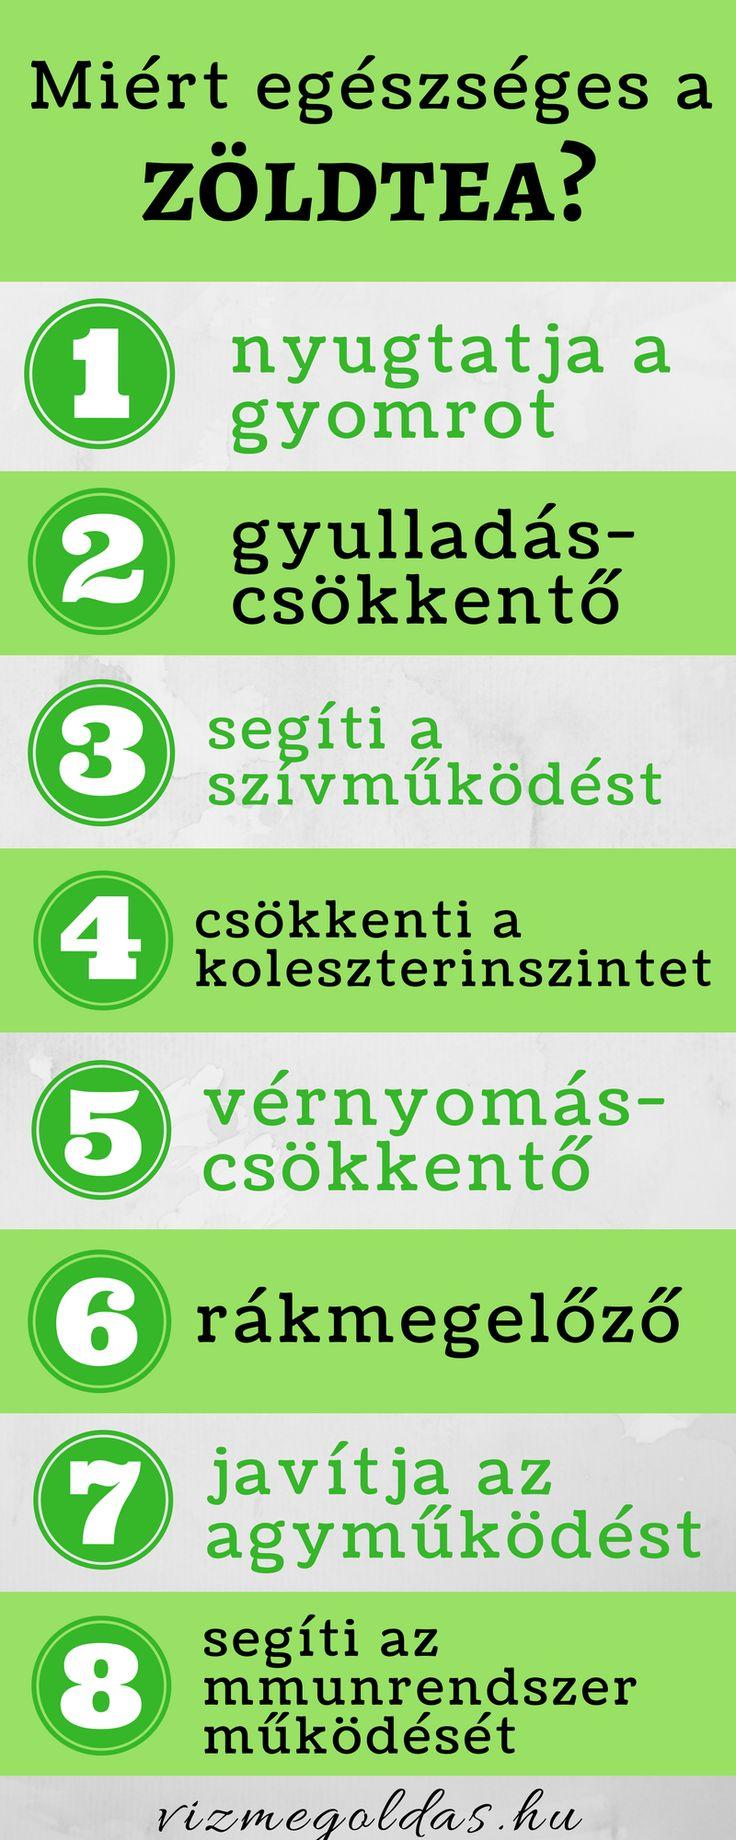 Egészséges életmód - tudj meg többet a zöld teáról